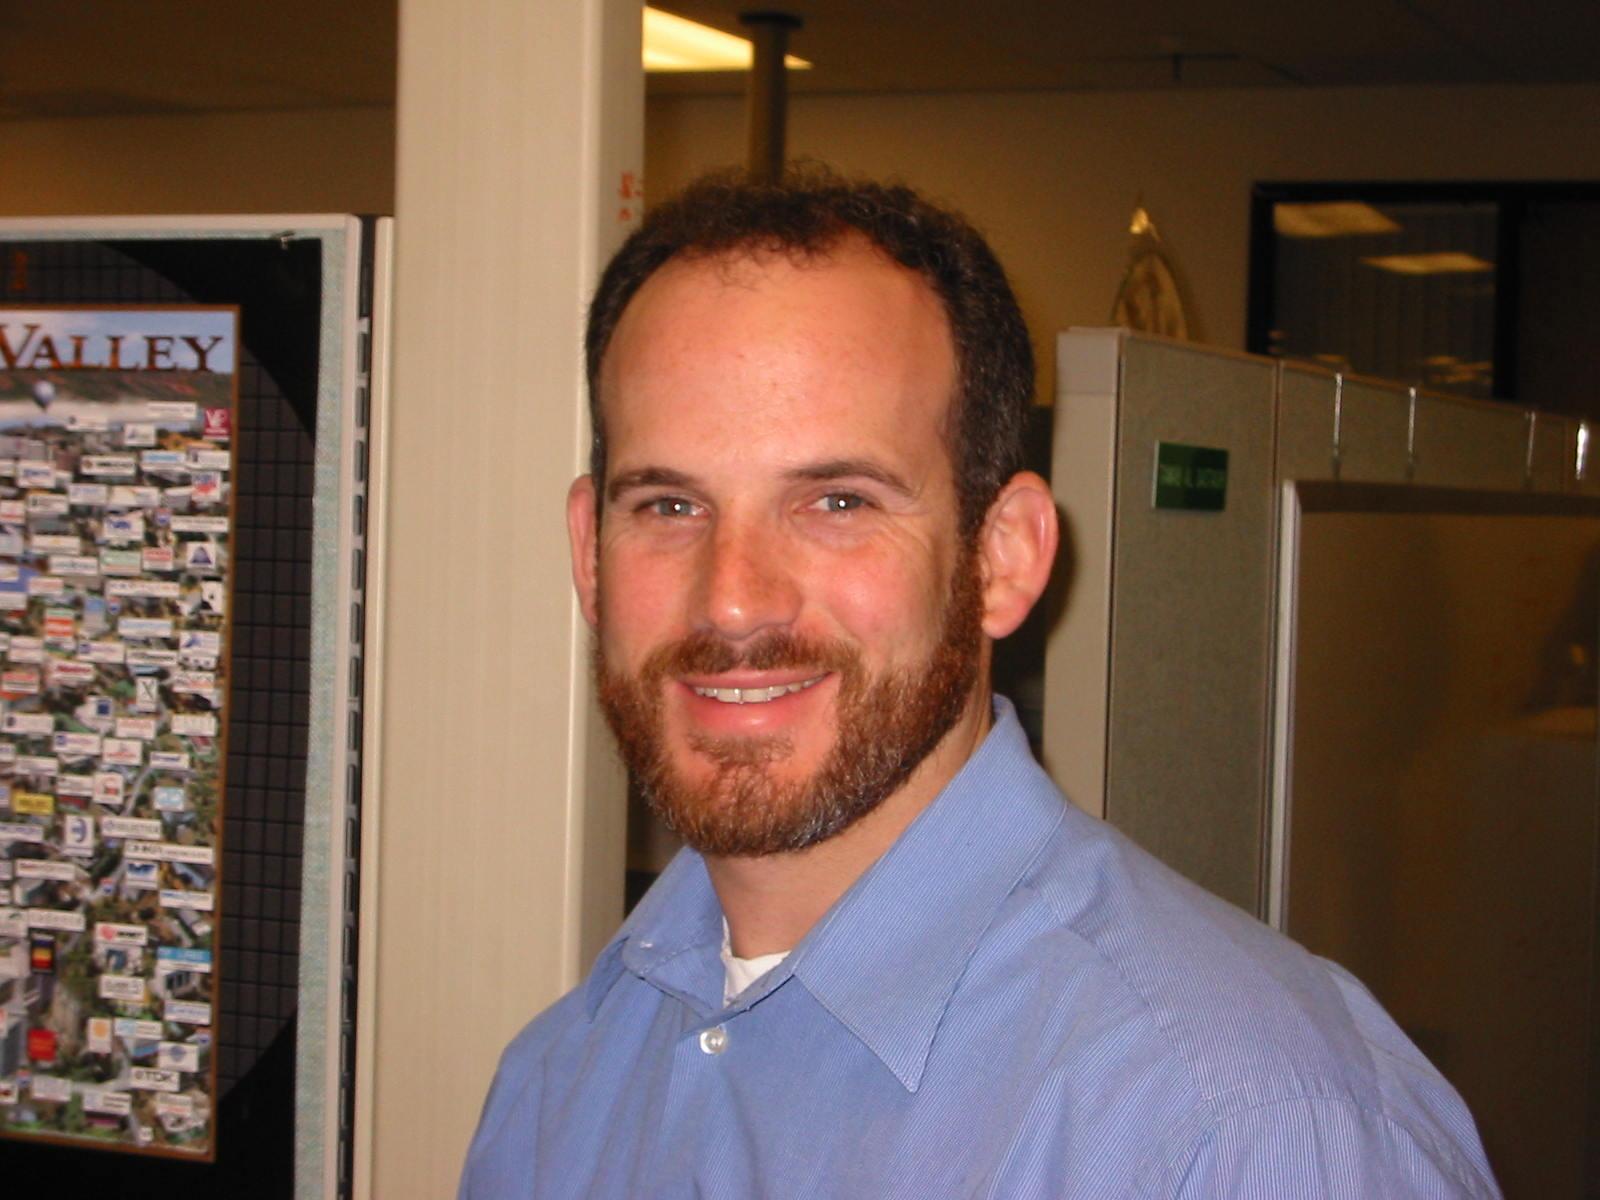 Google und Bing finden folgende Bilder zu Jonathan Alexander